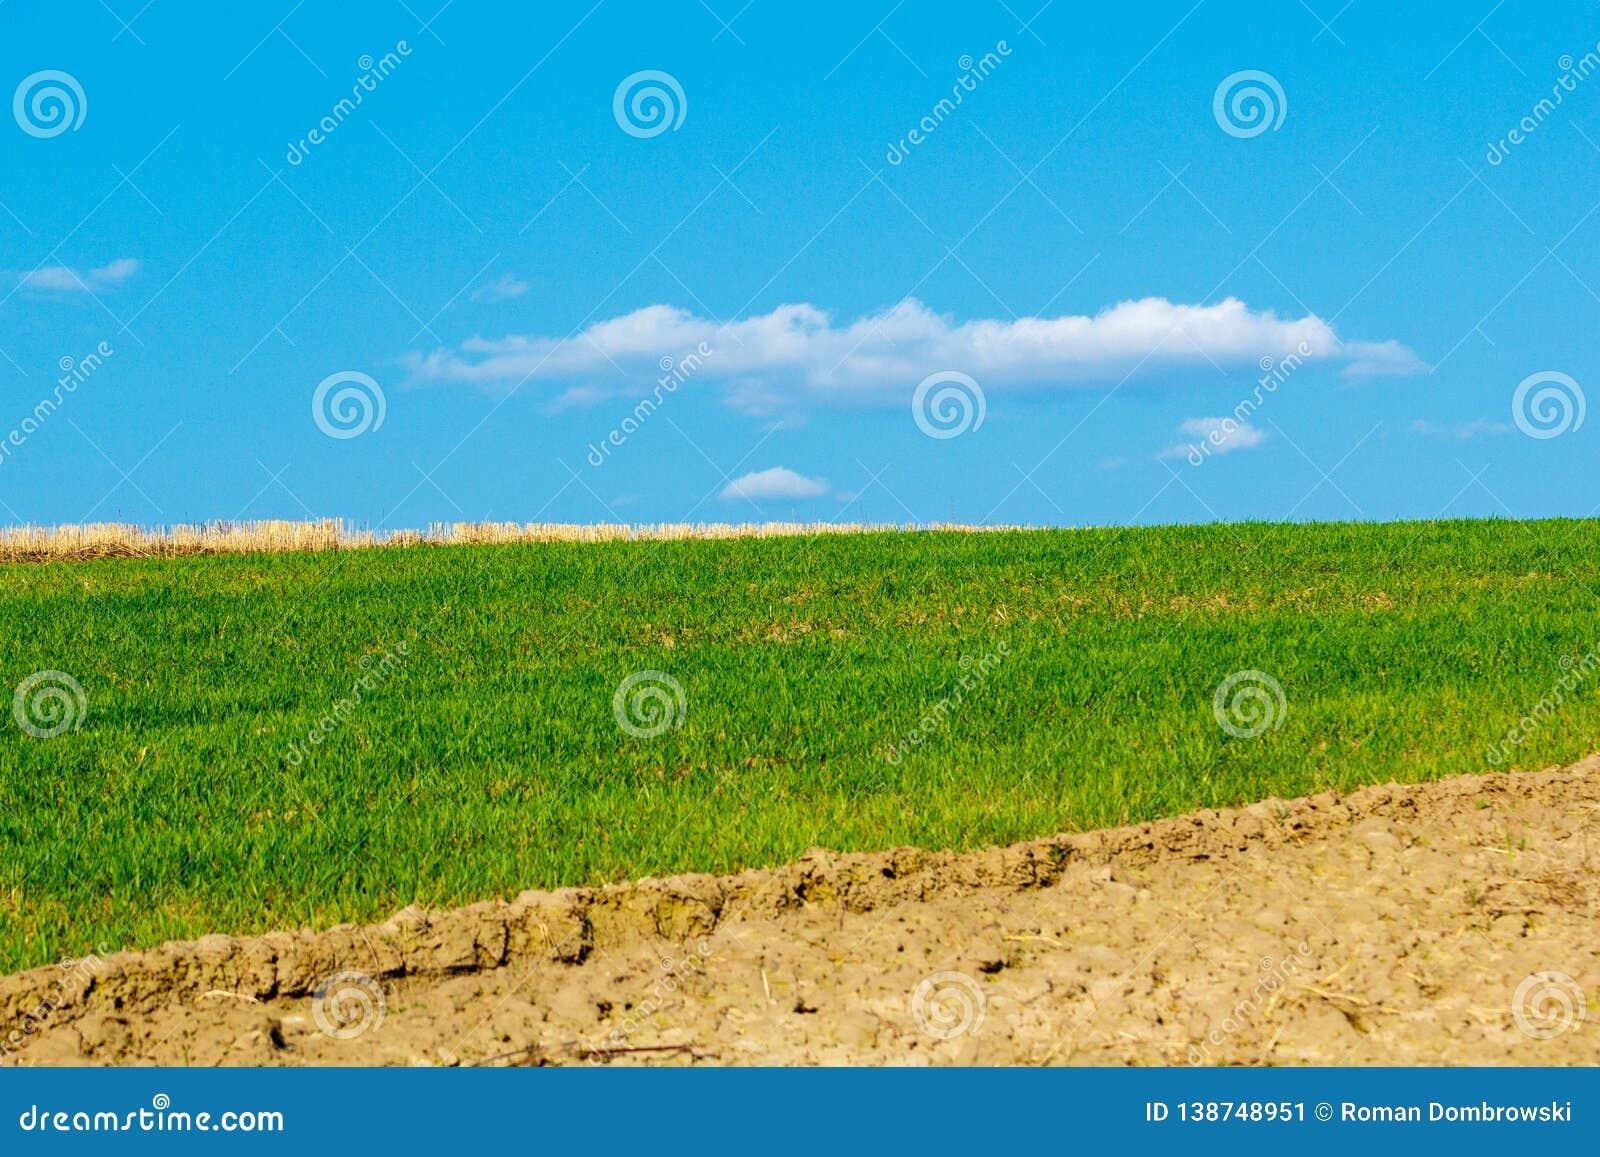 Champ des cultures de terres cultivables et du beau ciel bleu ci-dessus